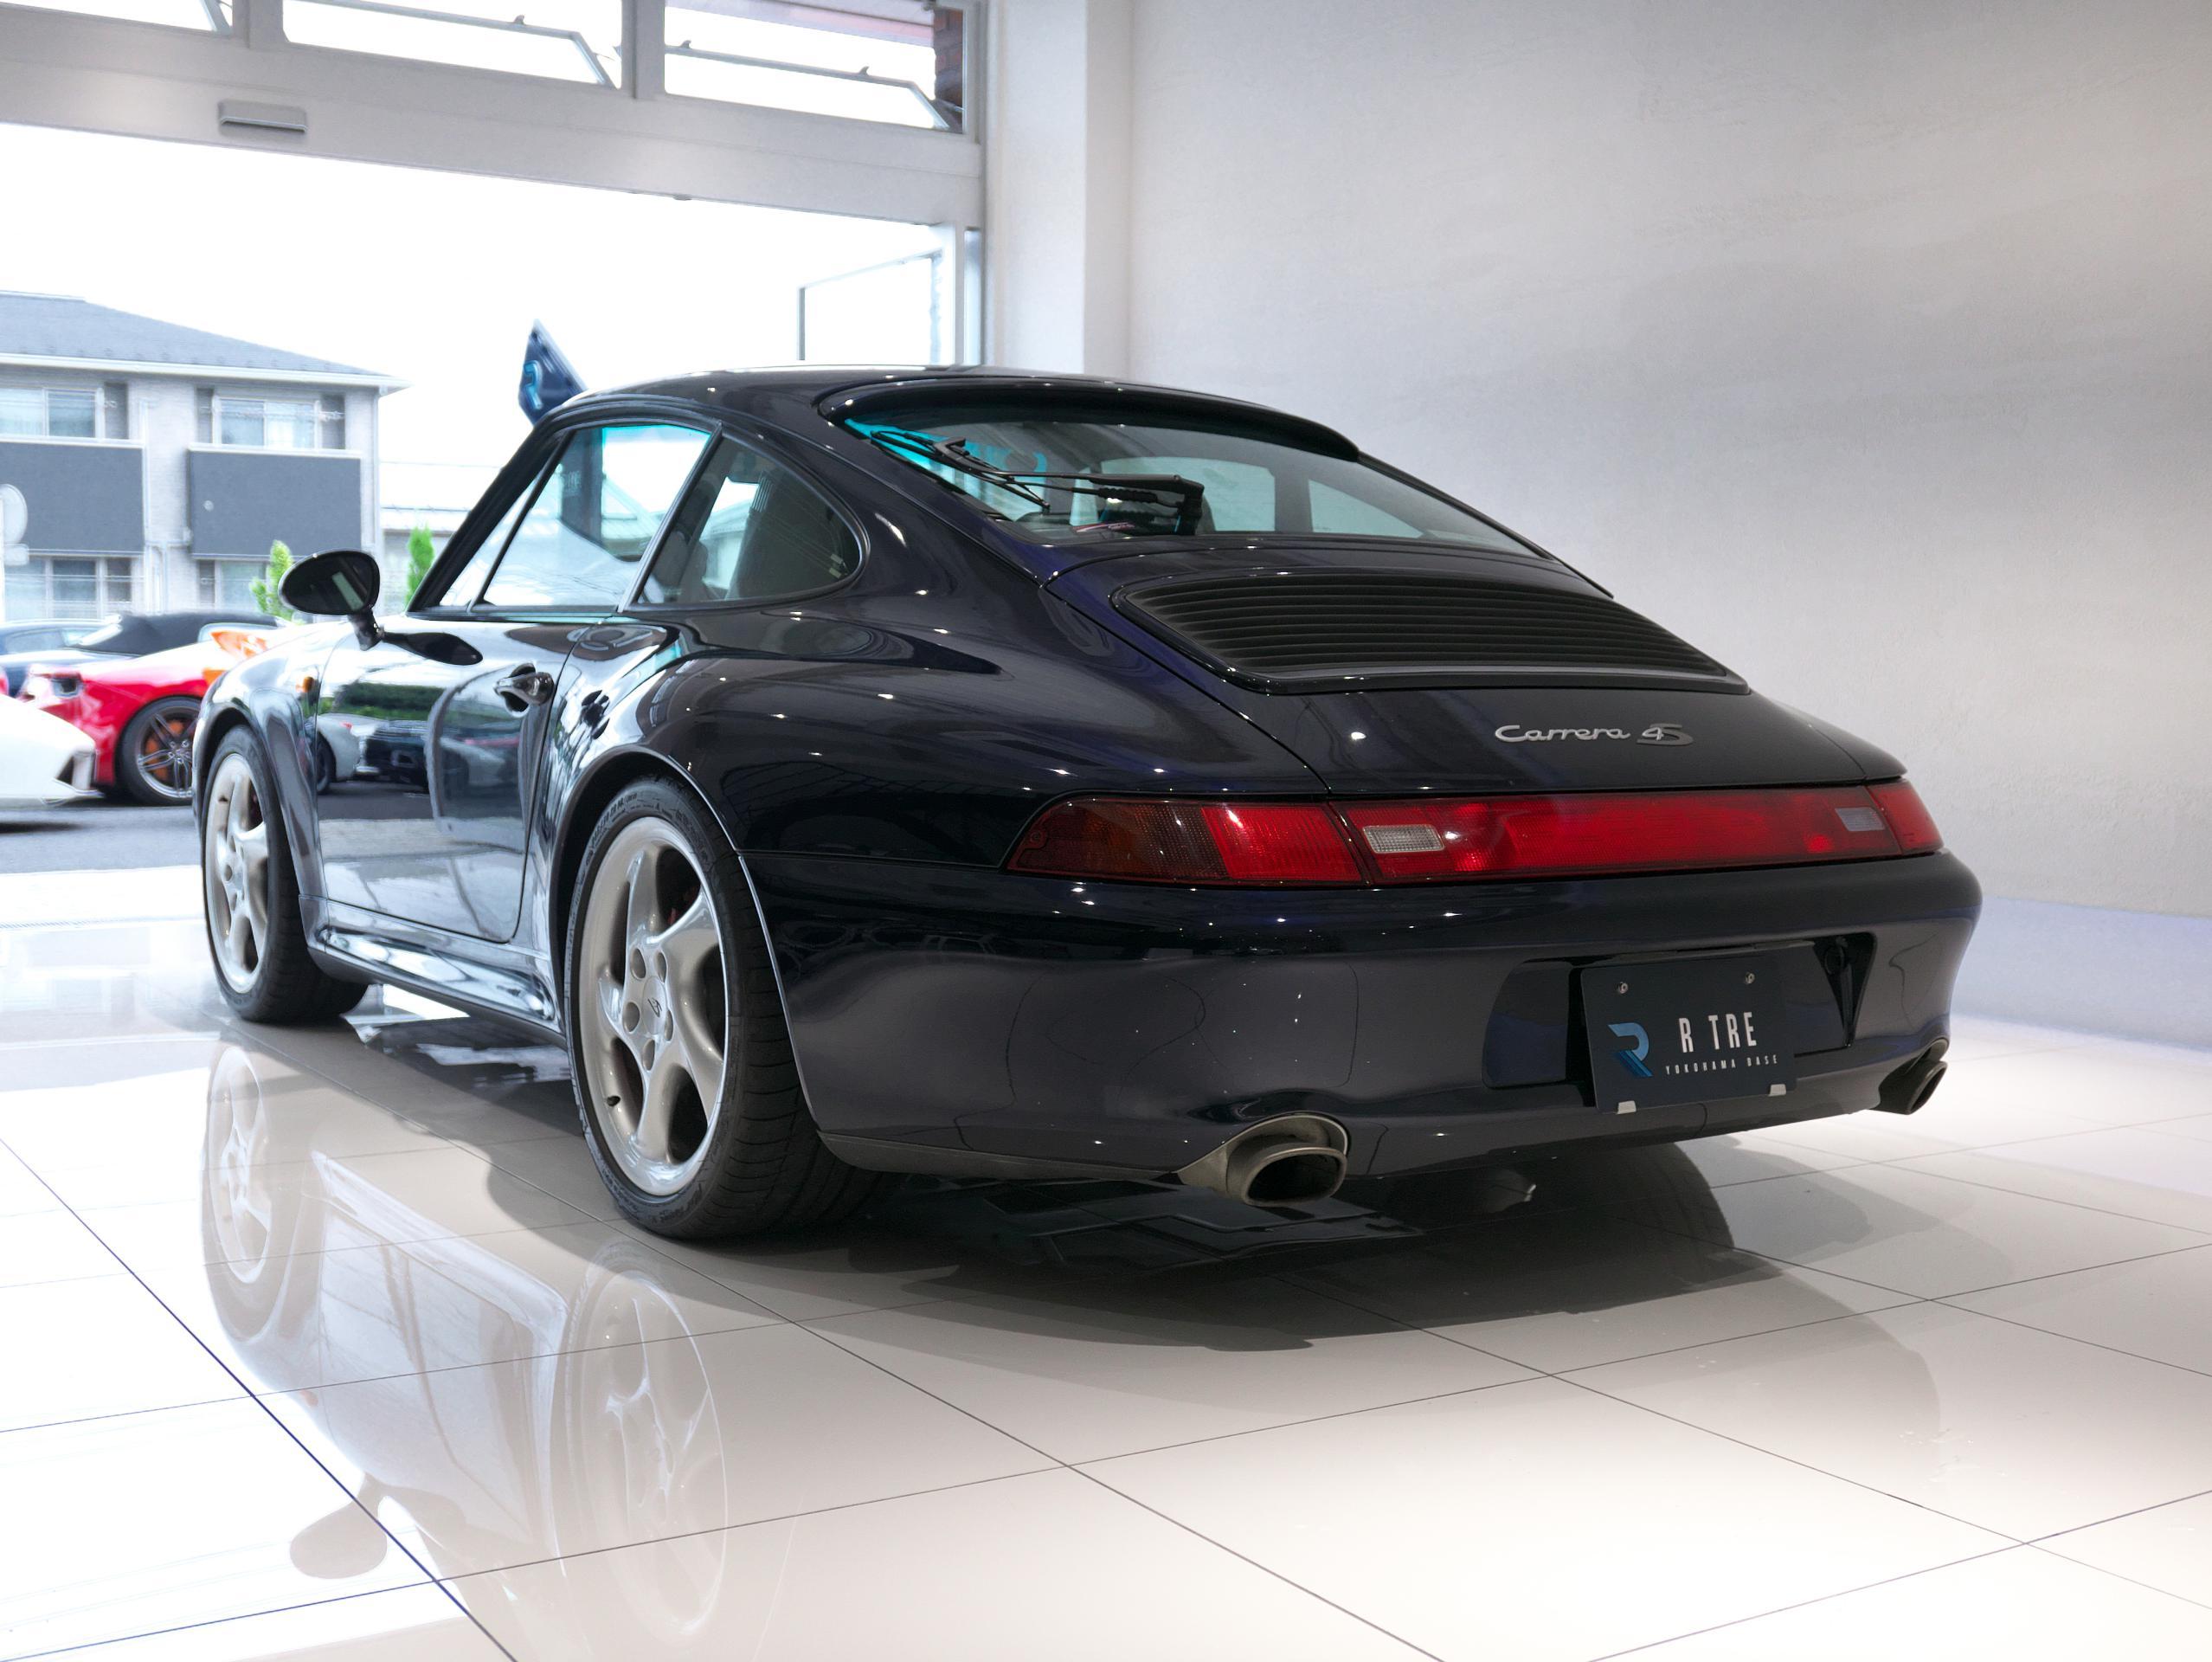 ポルシェ 911 カレラ4S 993 左斜め後